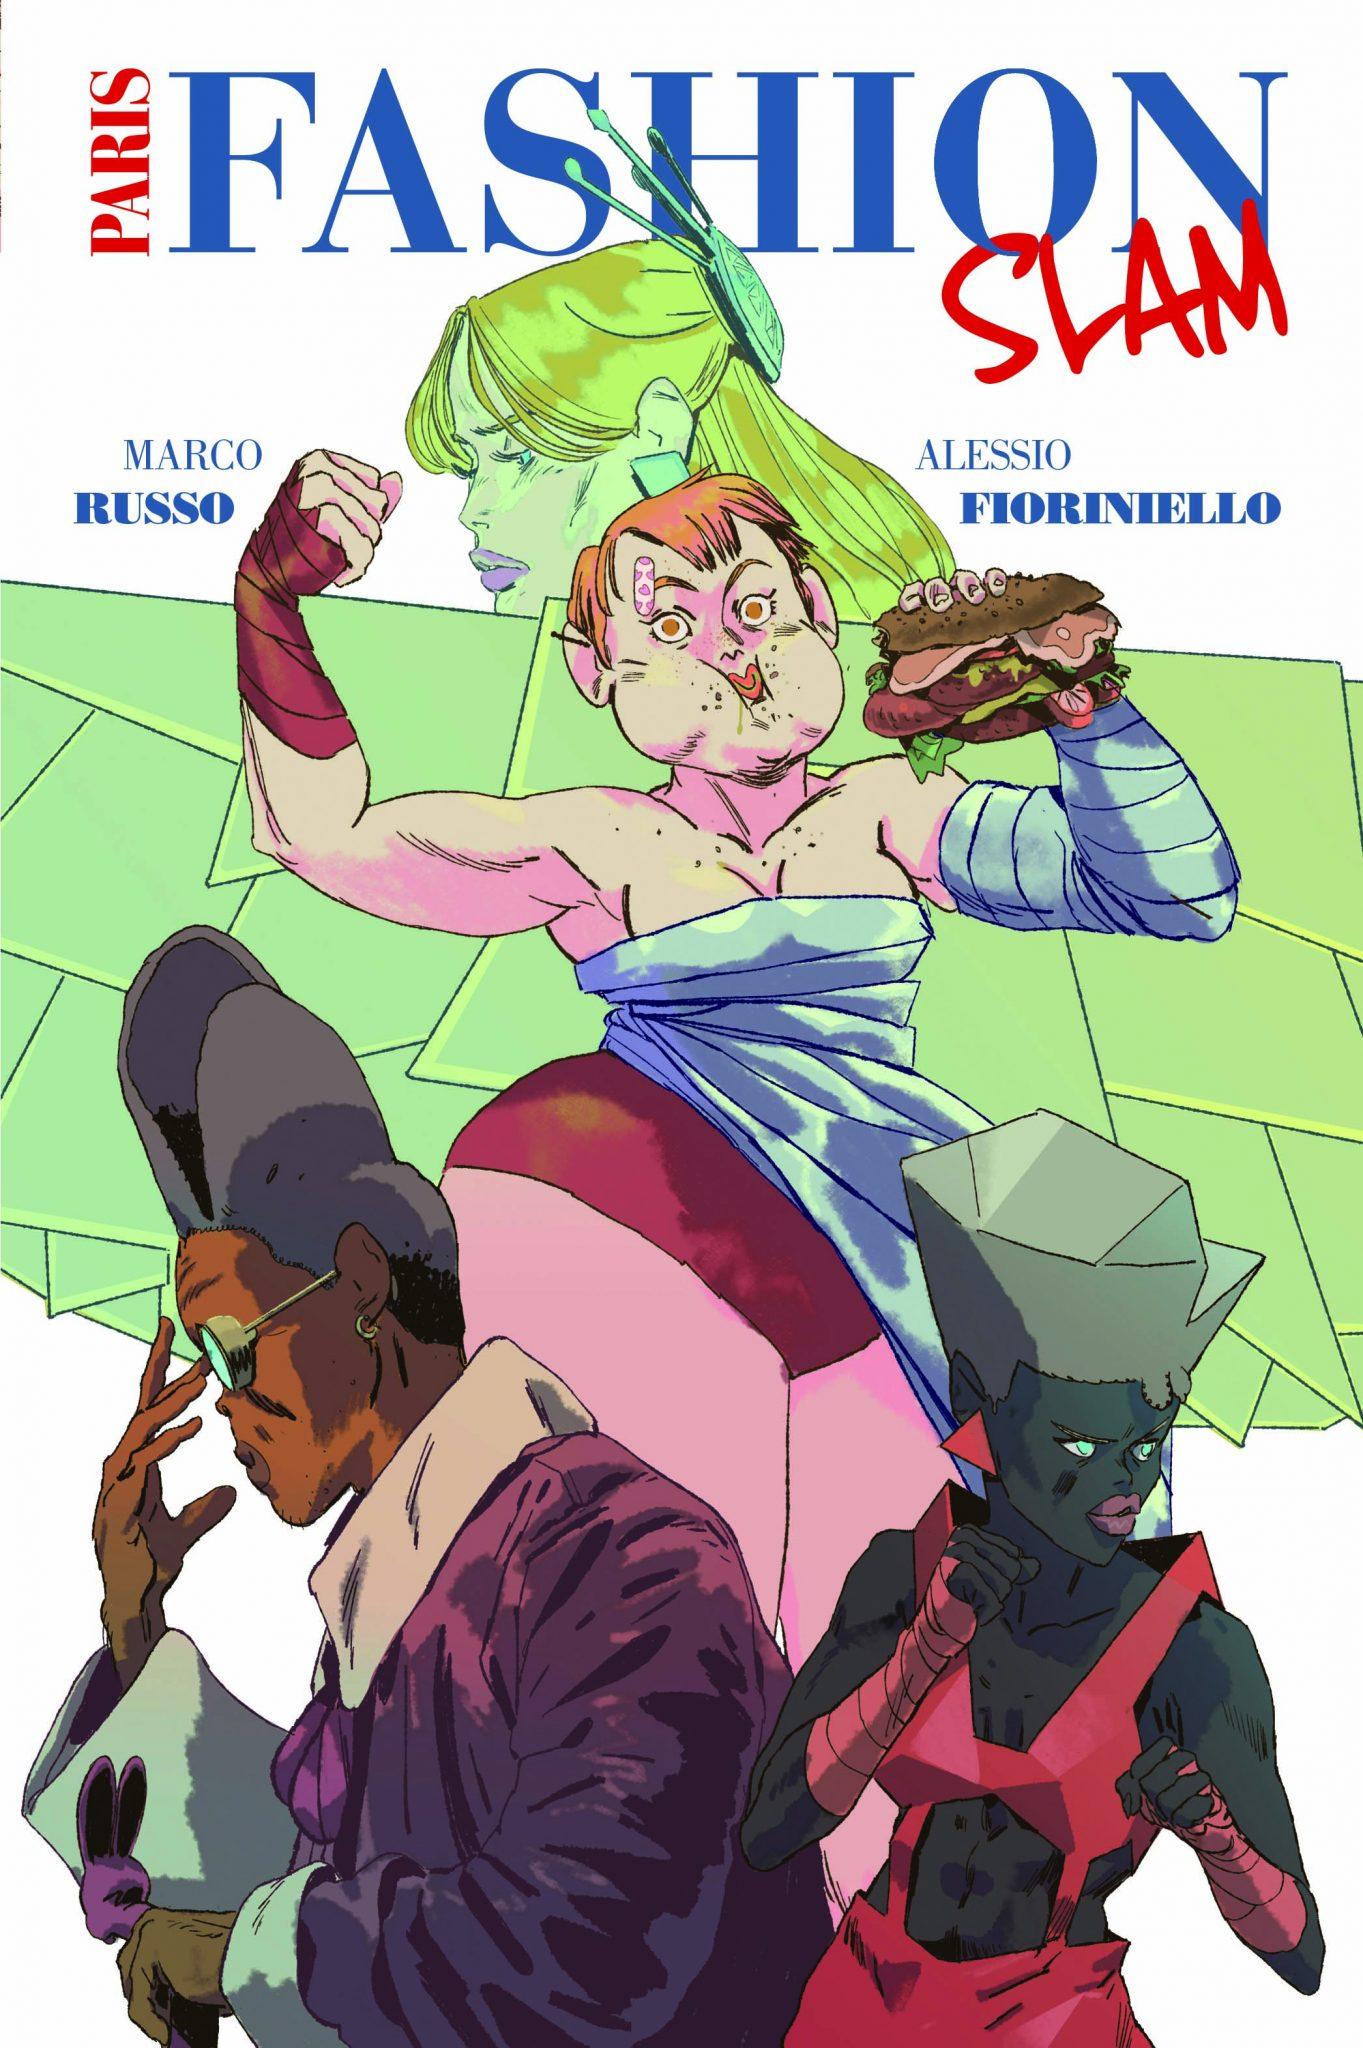 paris fashion slam panini comics